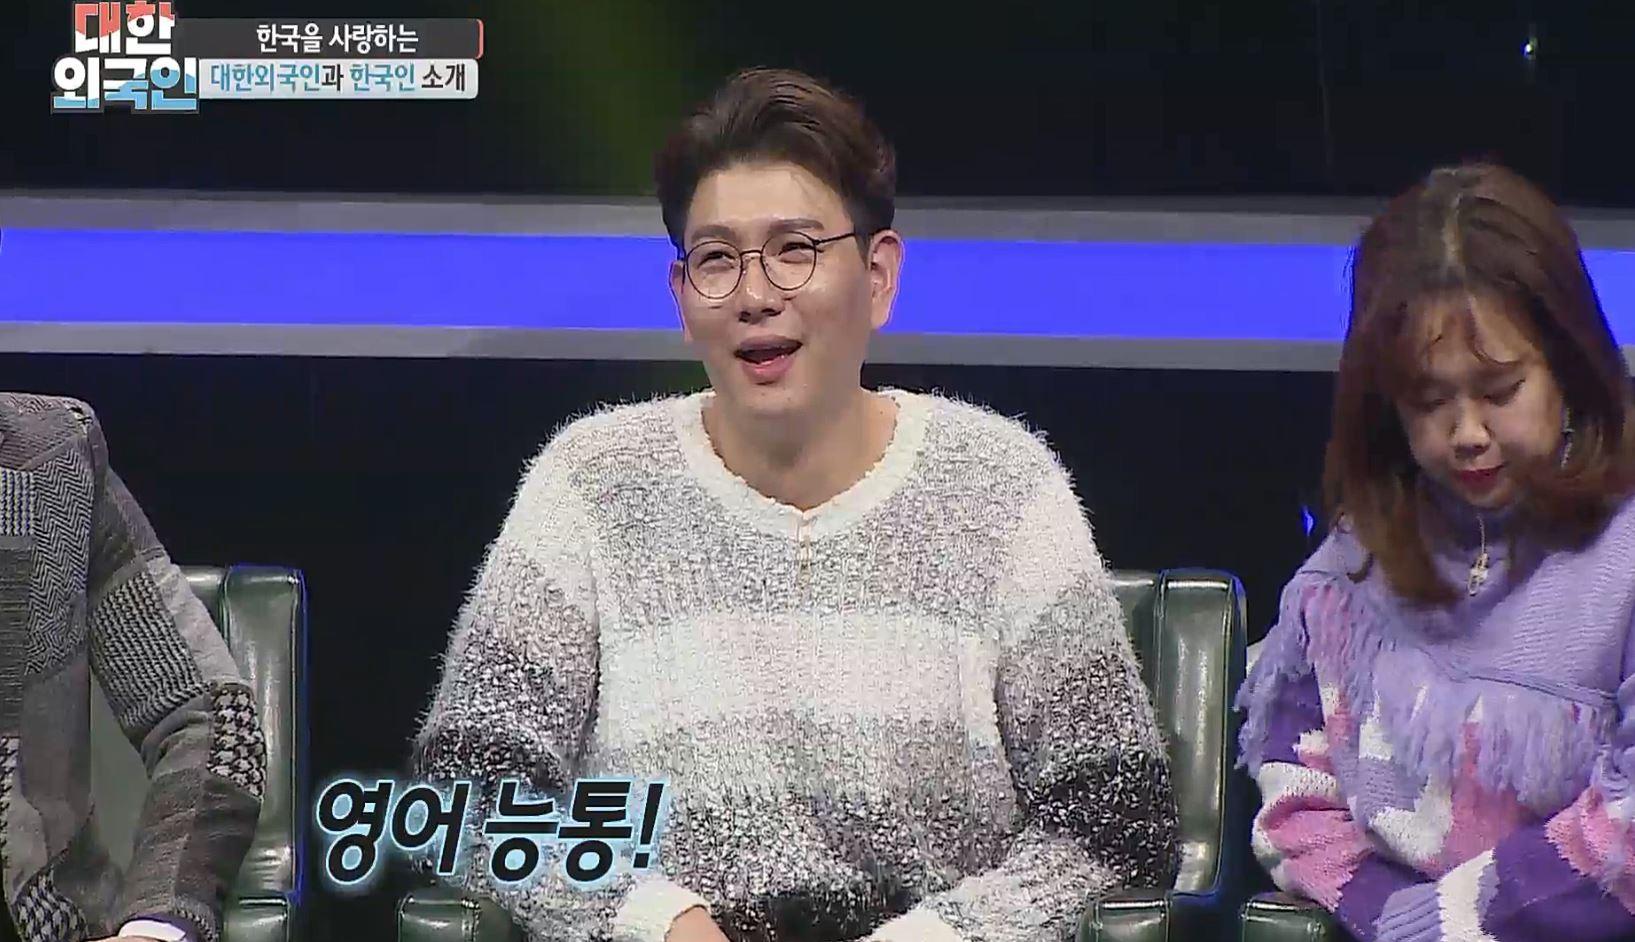 """'대한외국인' 제이쓴 """"아내 홍현희와 방귀·트림 안 텄다"""""""